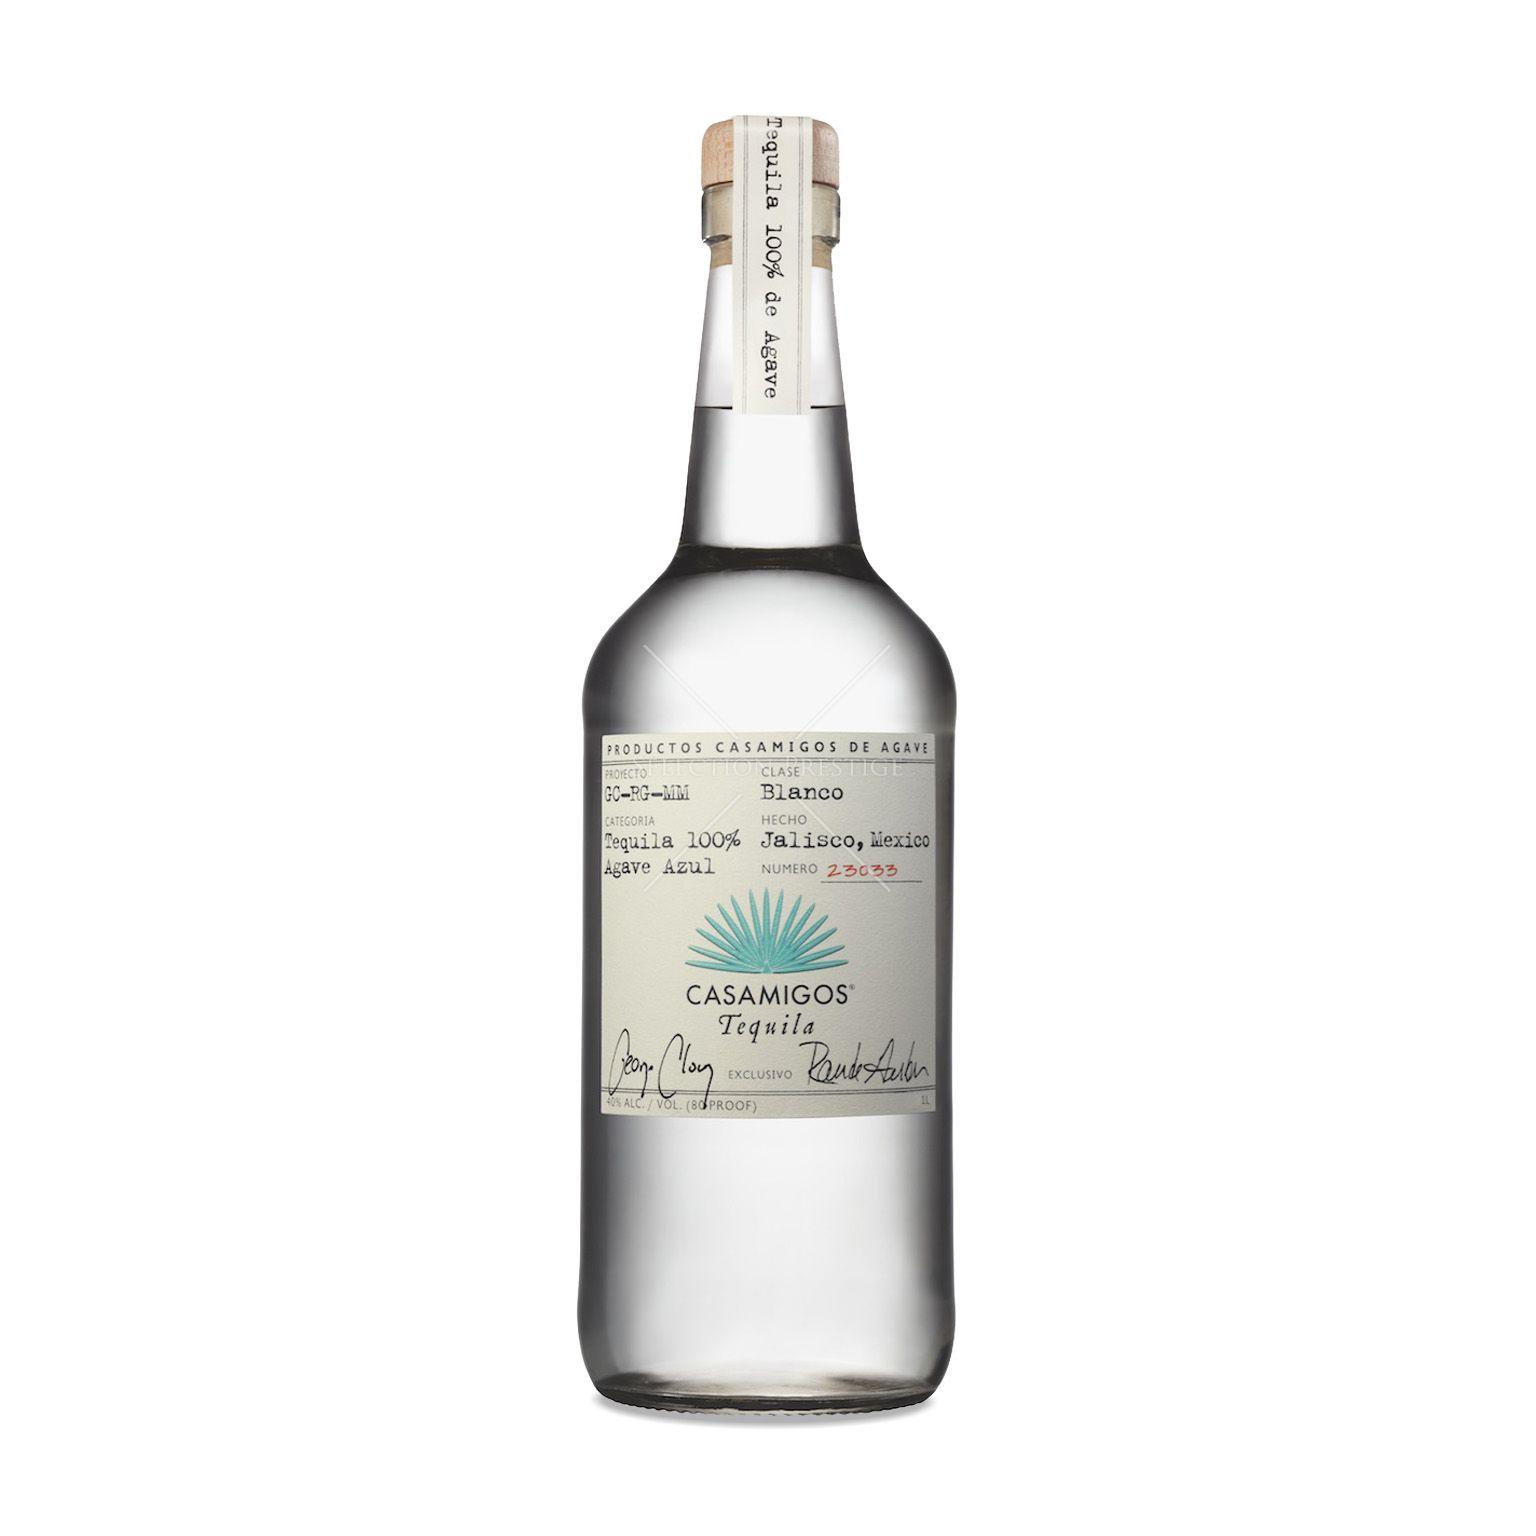 Casamigos Blanco Tequila 10L 40 Vol  Casamigos  Tequila